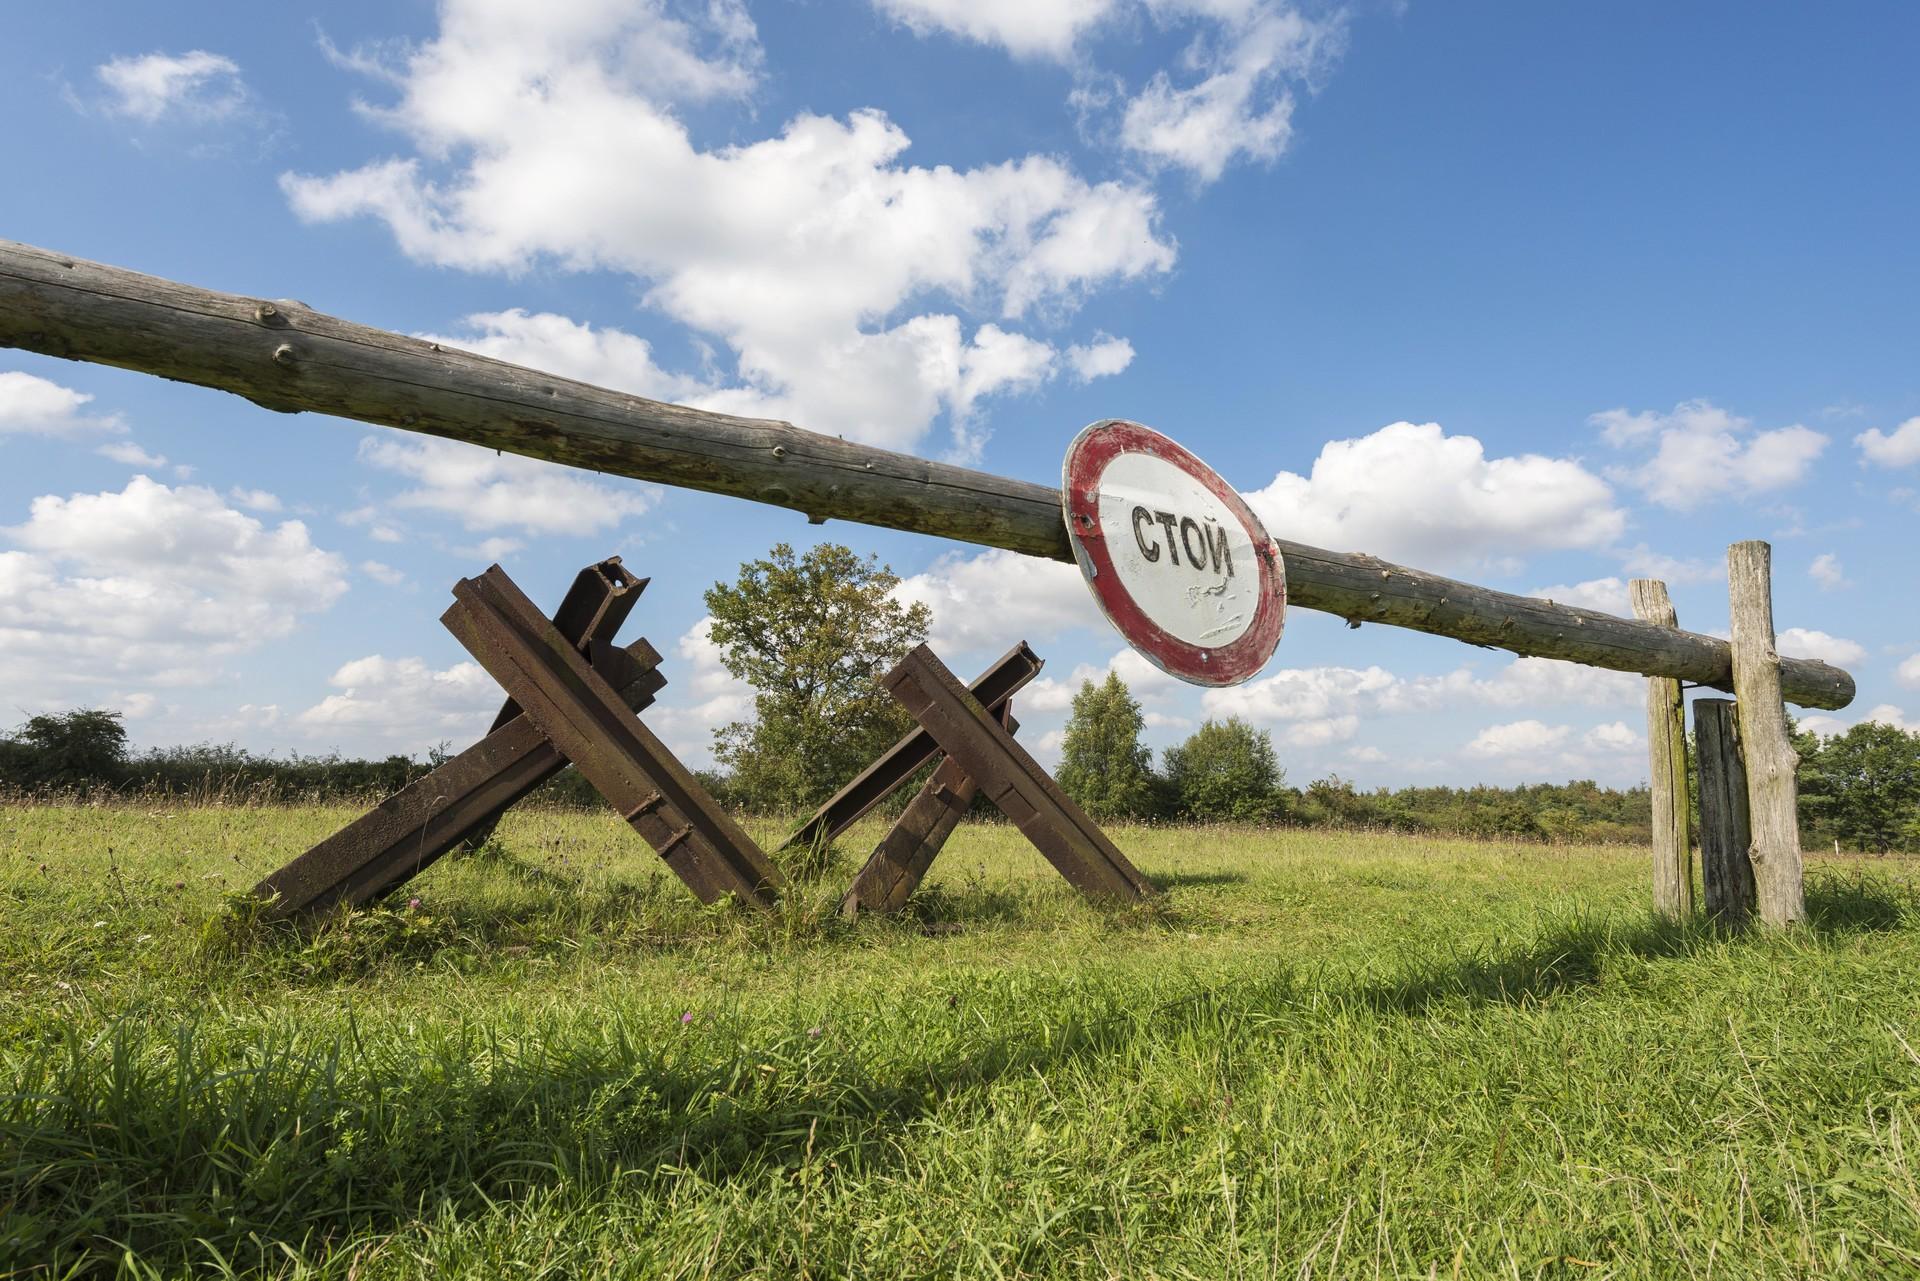 Rampa na meji sovjetske okupacijske cone po koncu druge svetovne vojne v Nemčiji, spominski park Point Alpha, Turingija